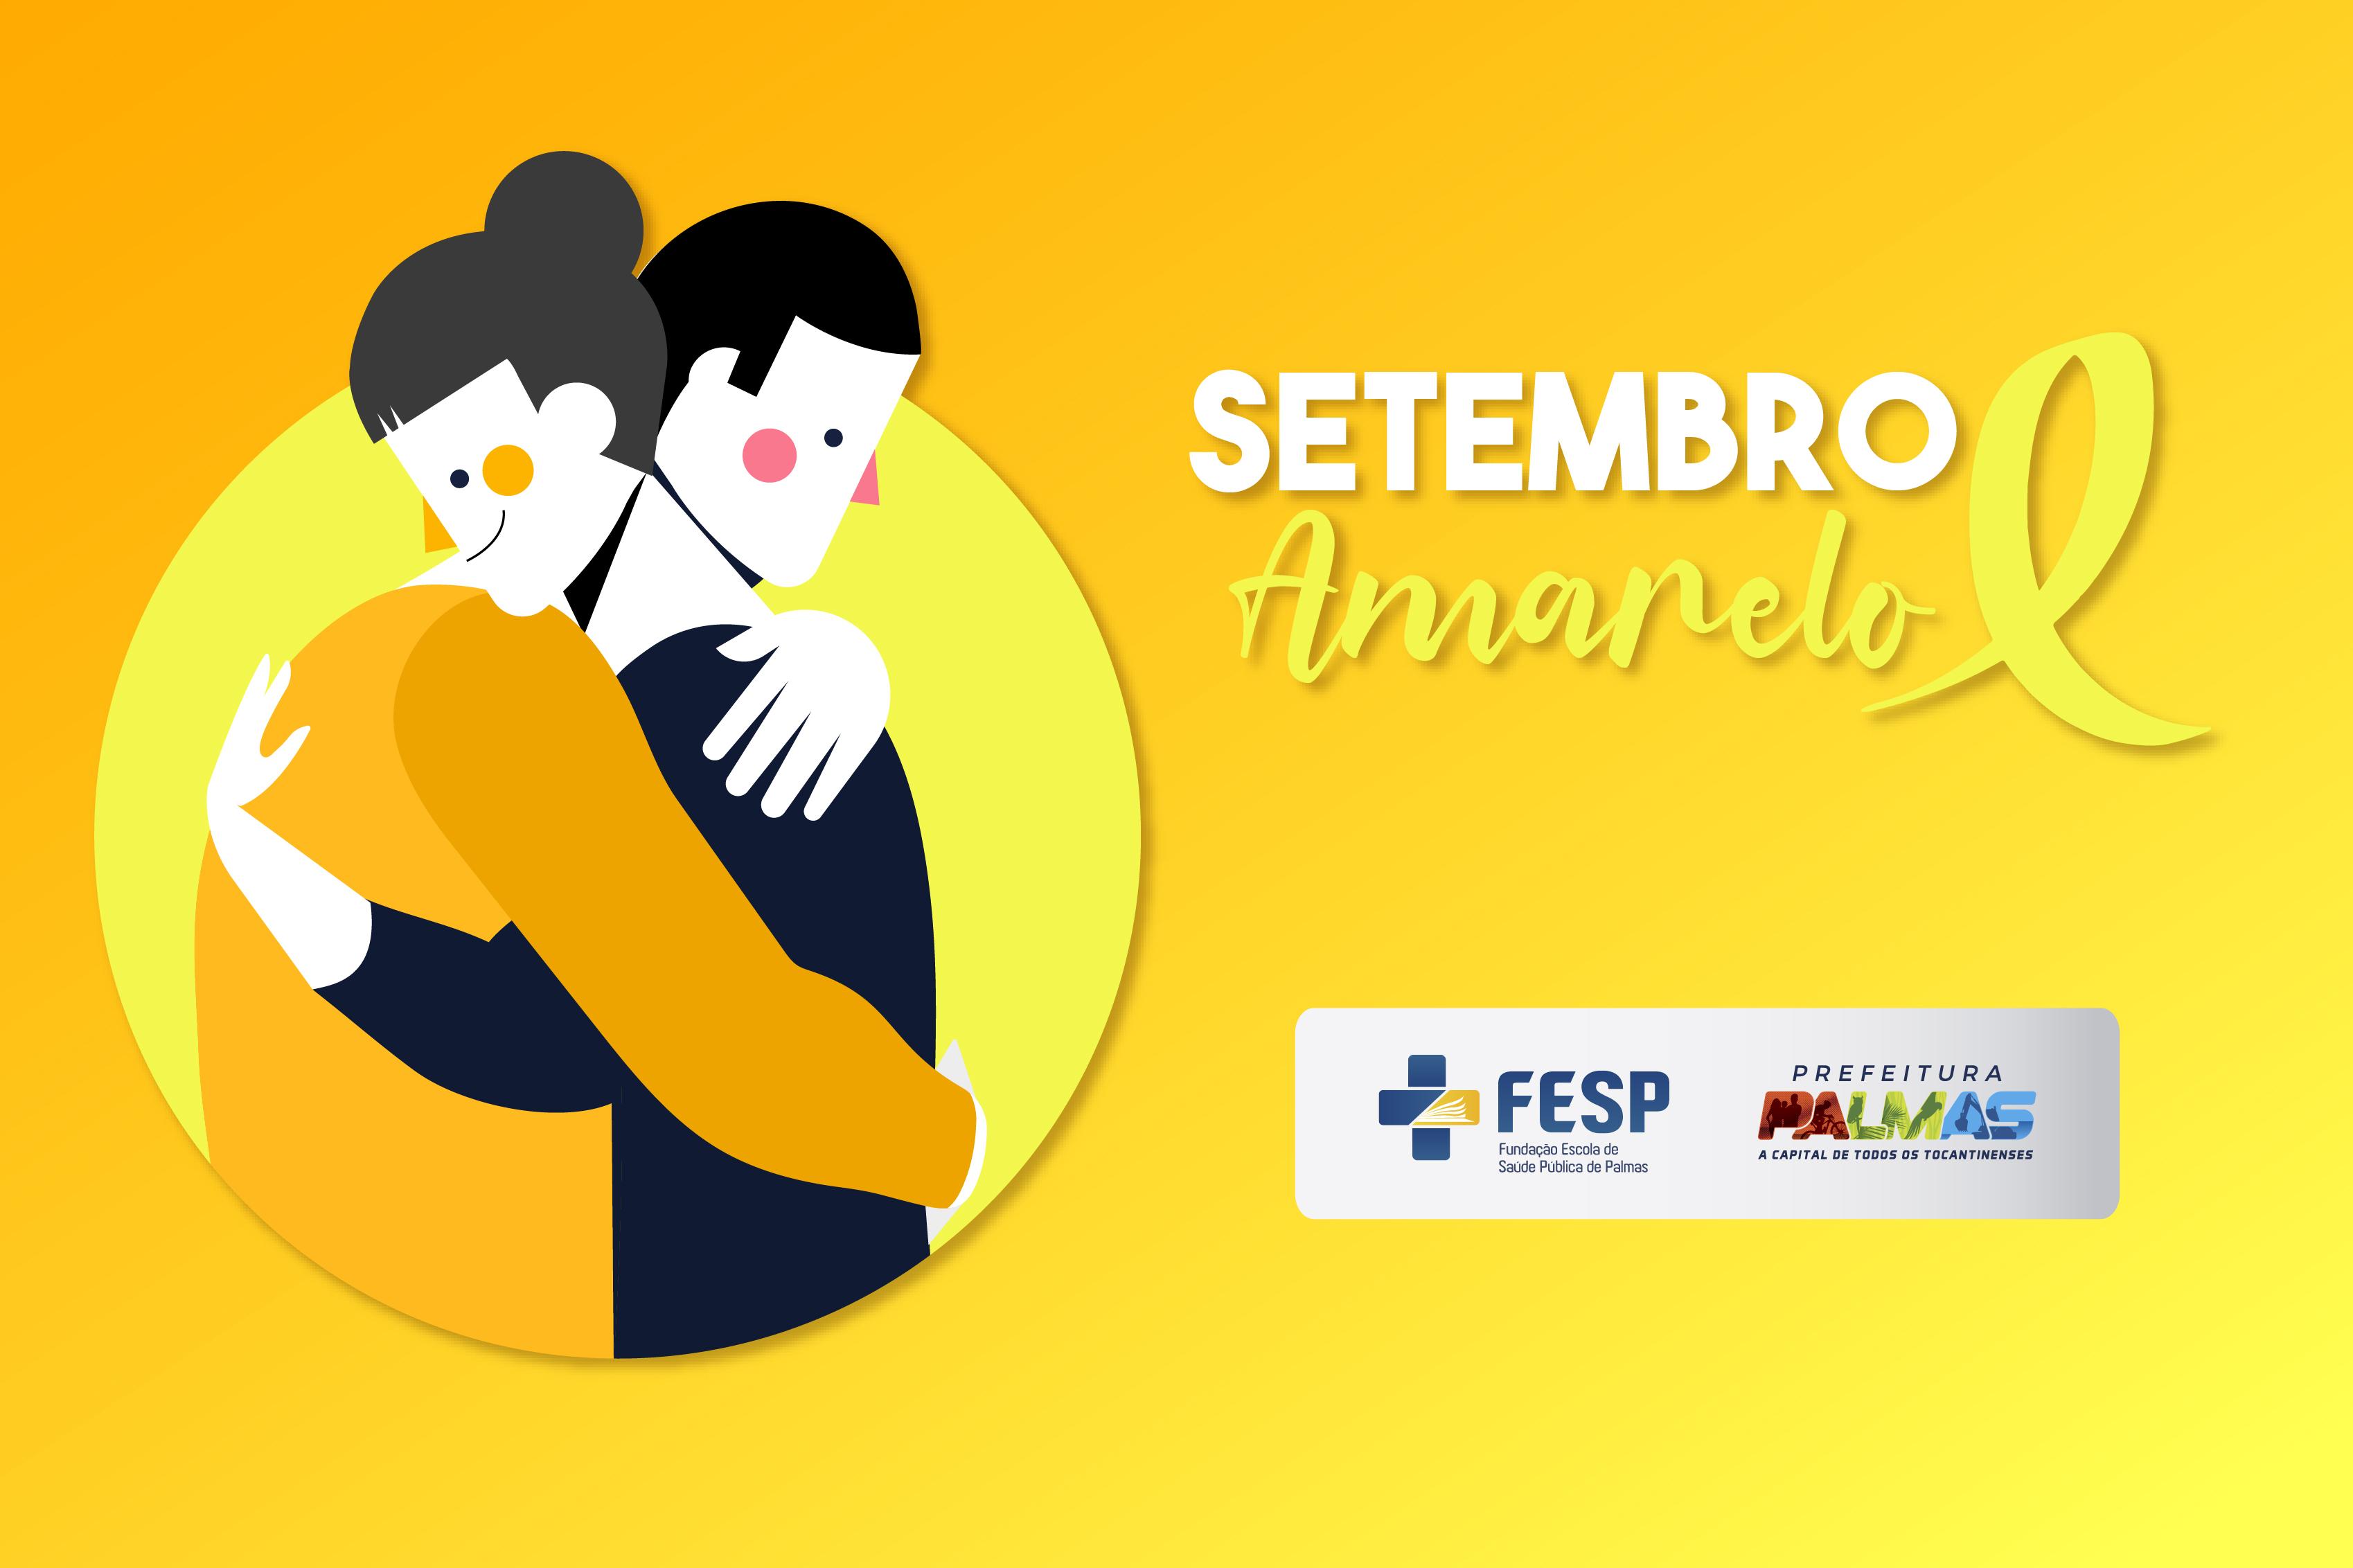 A data faz parte da campanha nacional de prevenção ao suicídio, o Setembro Amarelo,